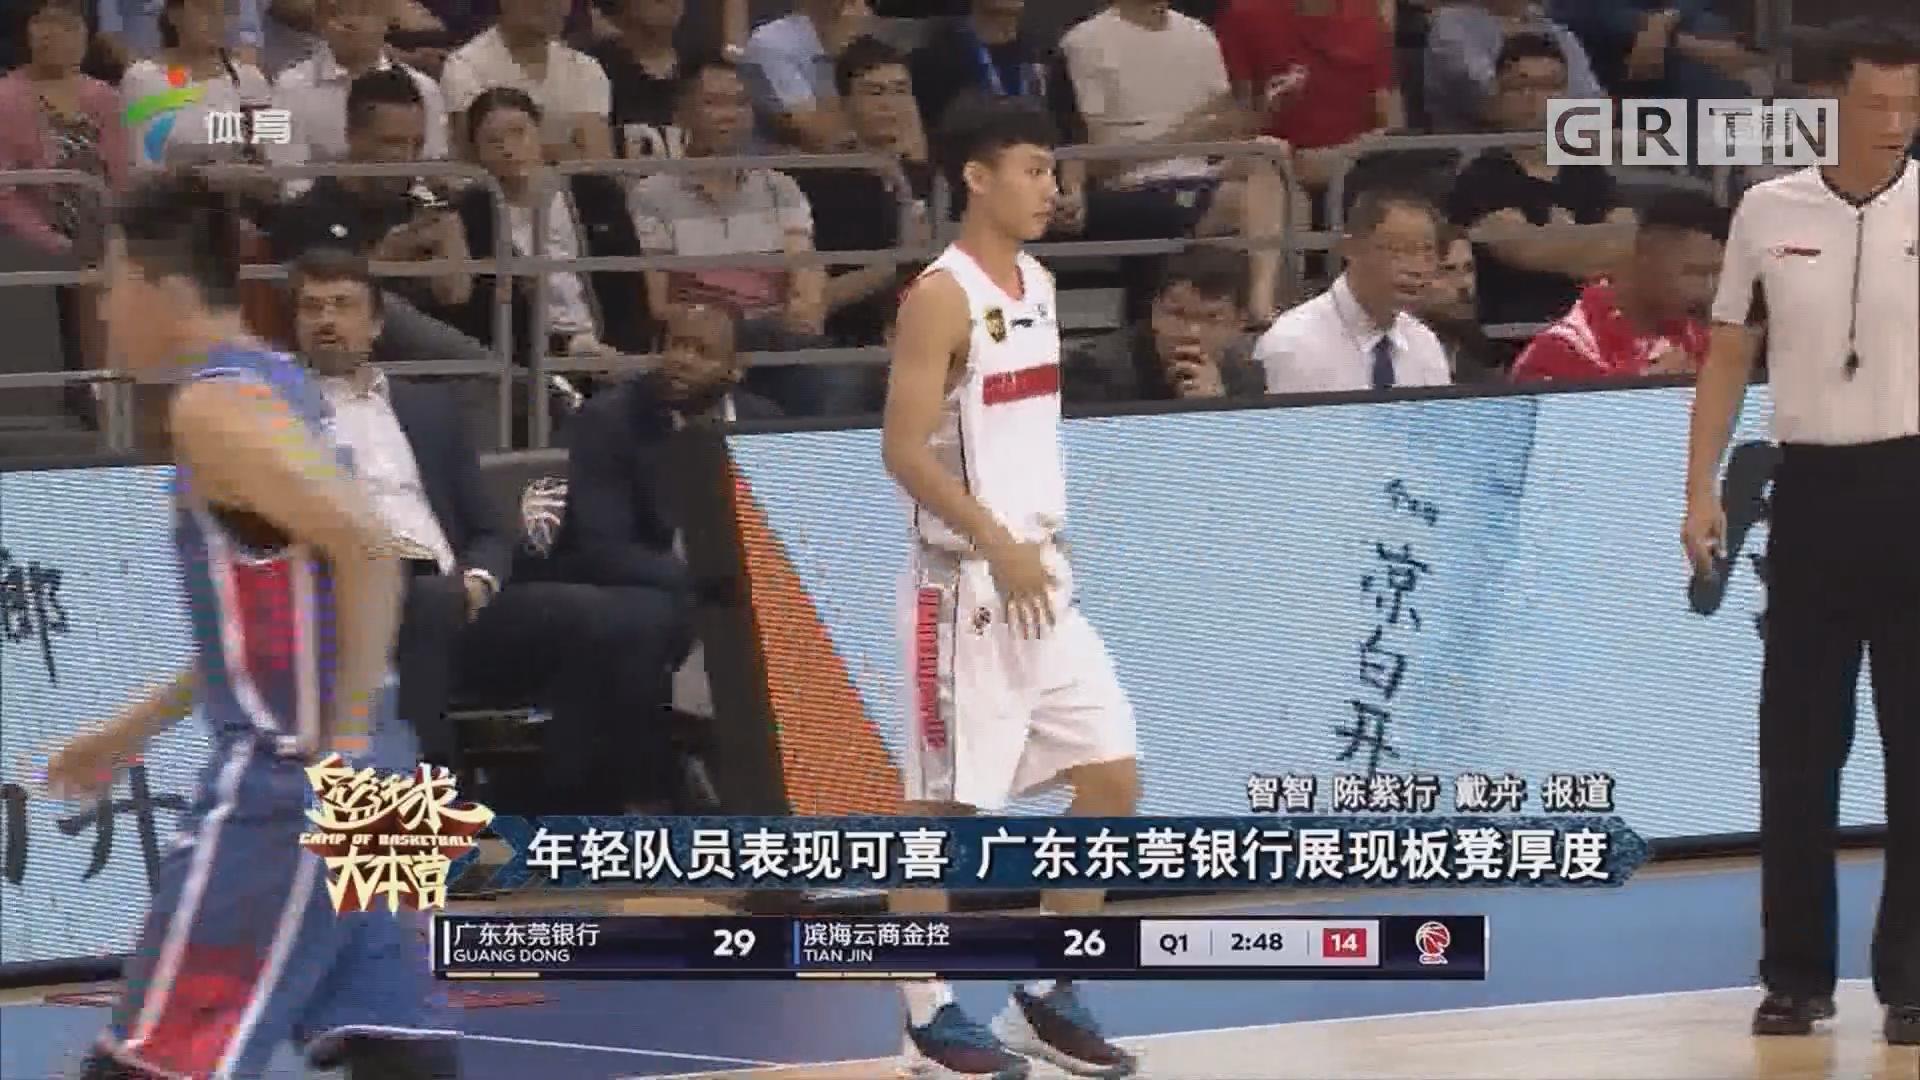 年轻队员表现可喜 广东东莞银行展现板凳厚度